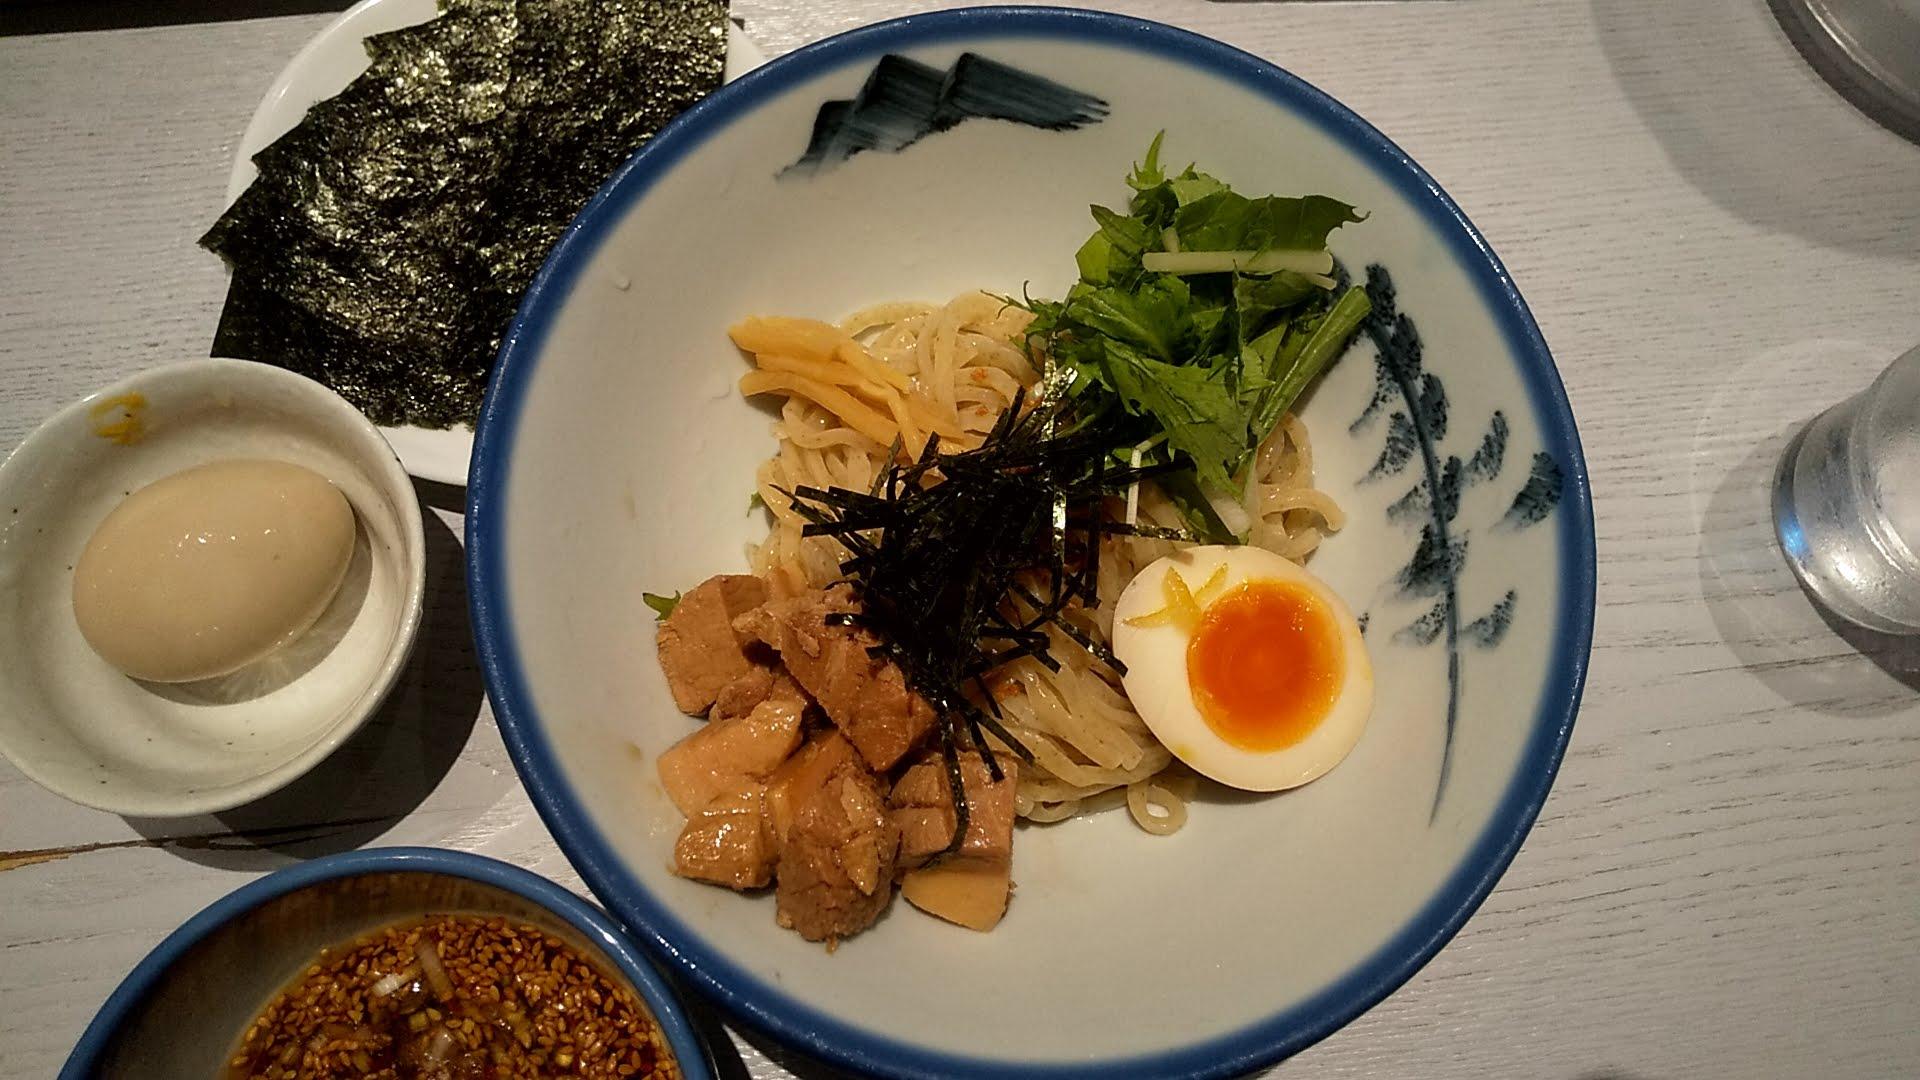 AFURI六本木ヒルズ店のつけ麺の麺皿の写真